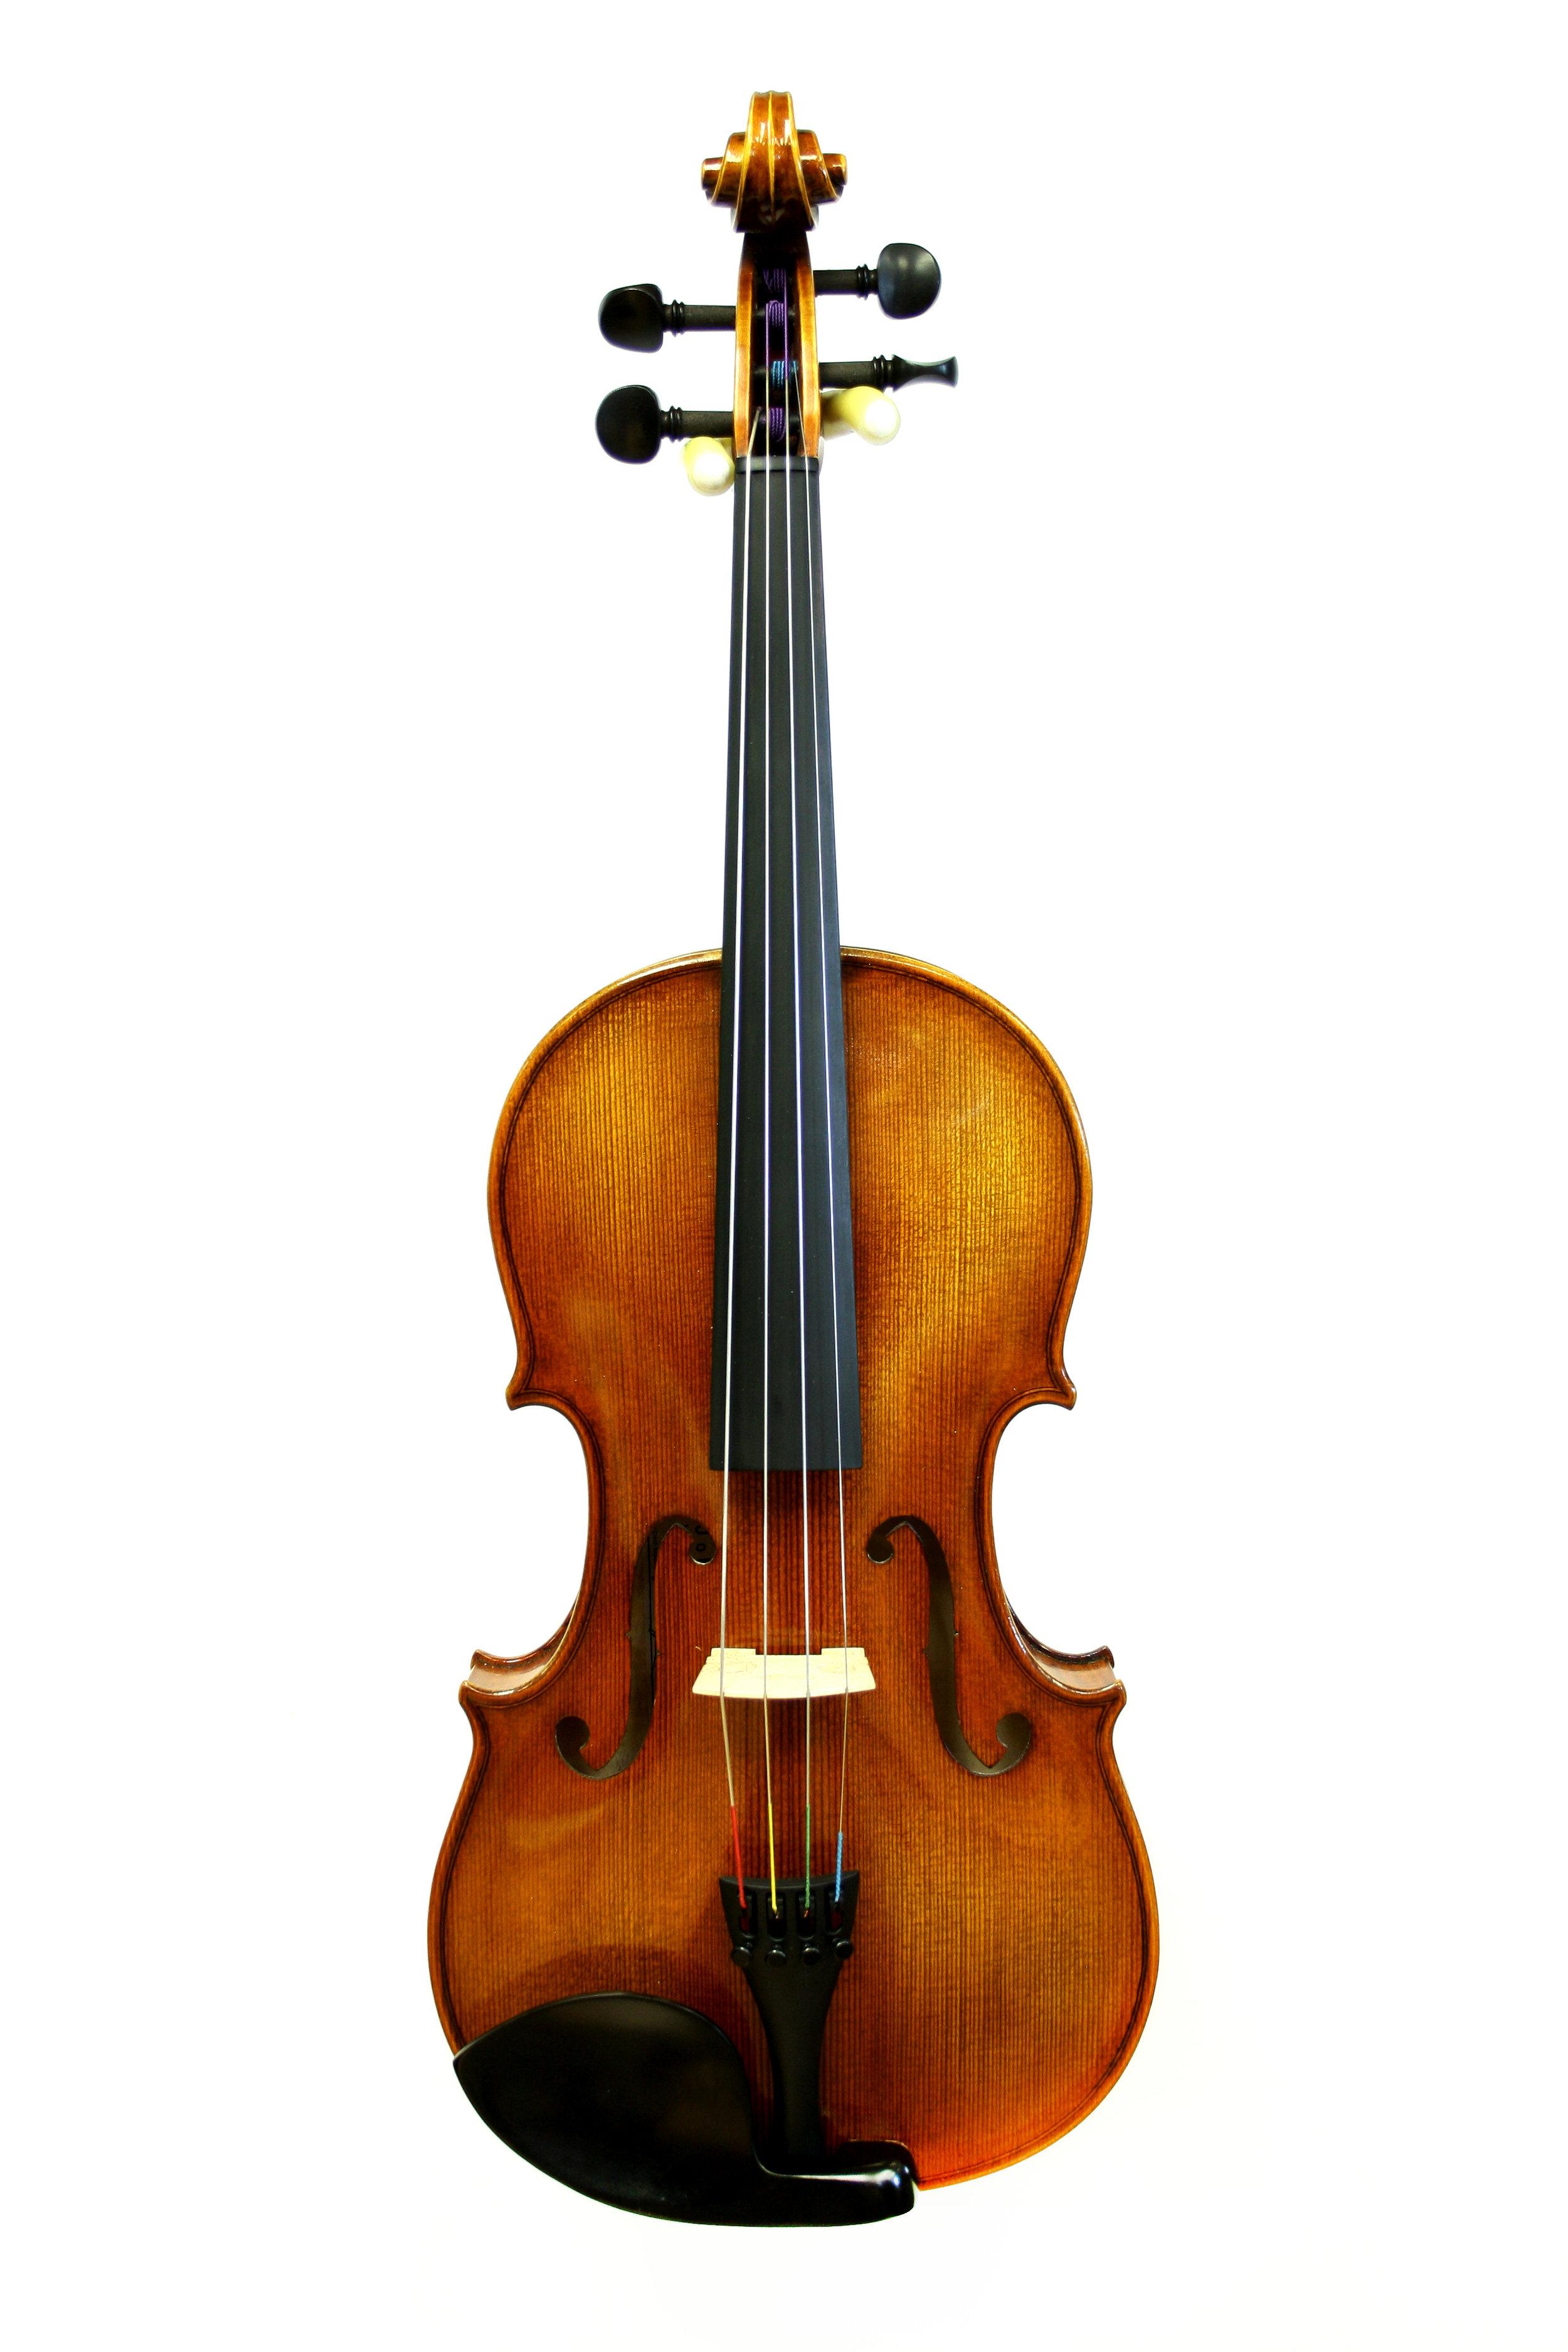 Juzek 211 - $1599